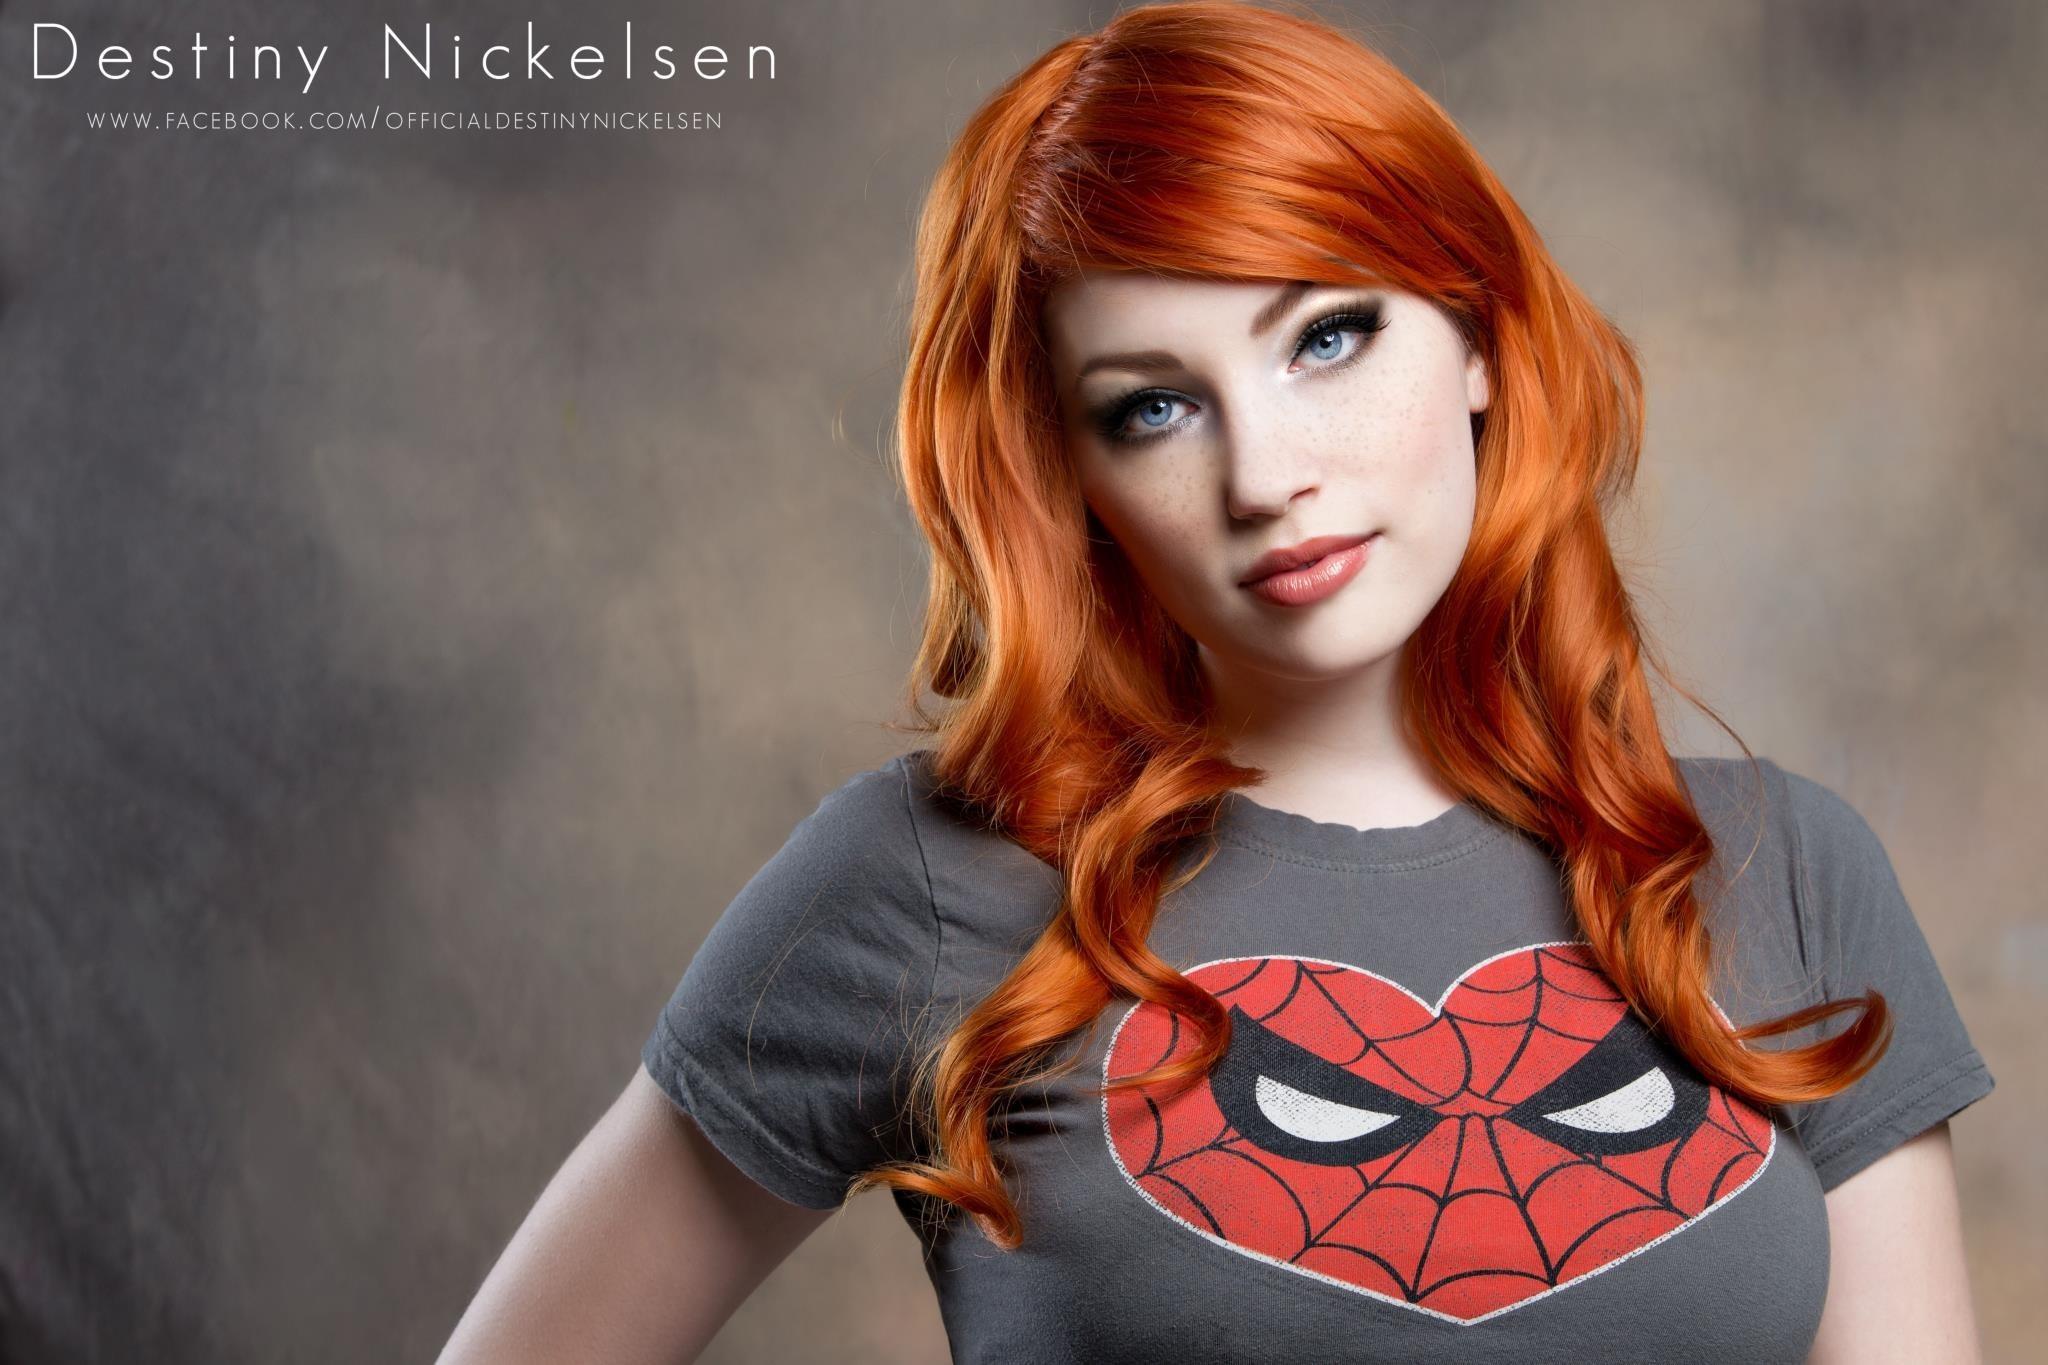 Destiny Nickelsen, Redhead Wallpaper